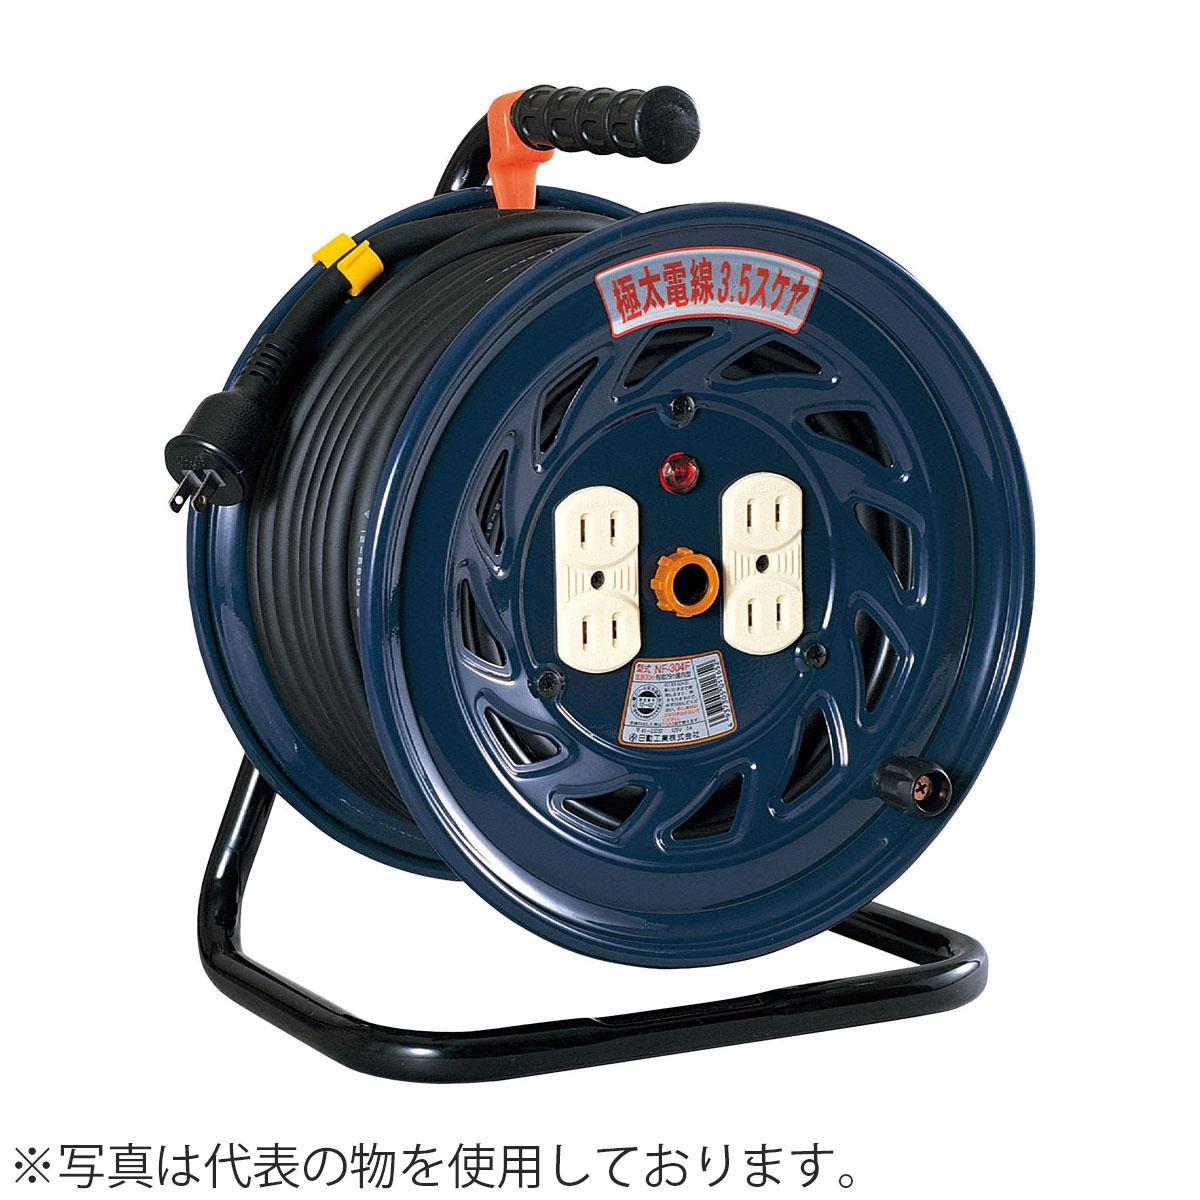 日動工業 50mコードリール 100V標準型ドラム(屋内用) NF-504D アース無 コンセント:4口